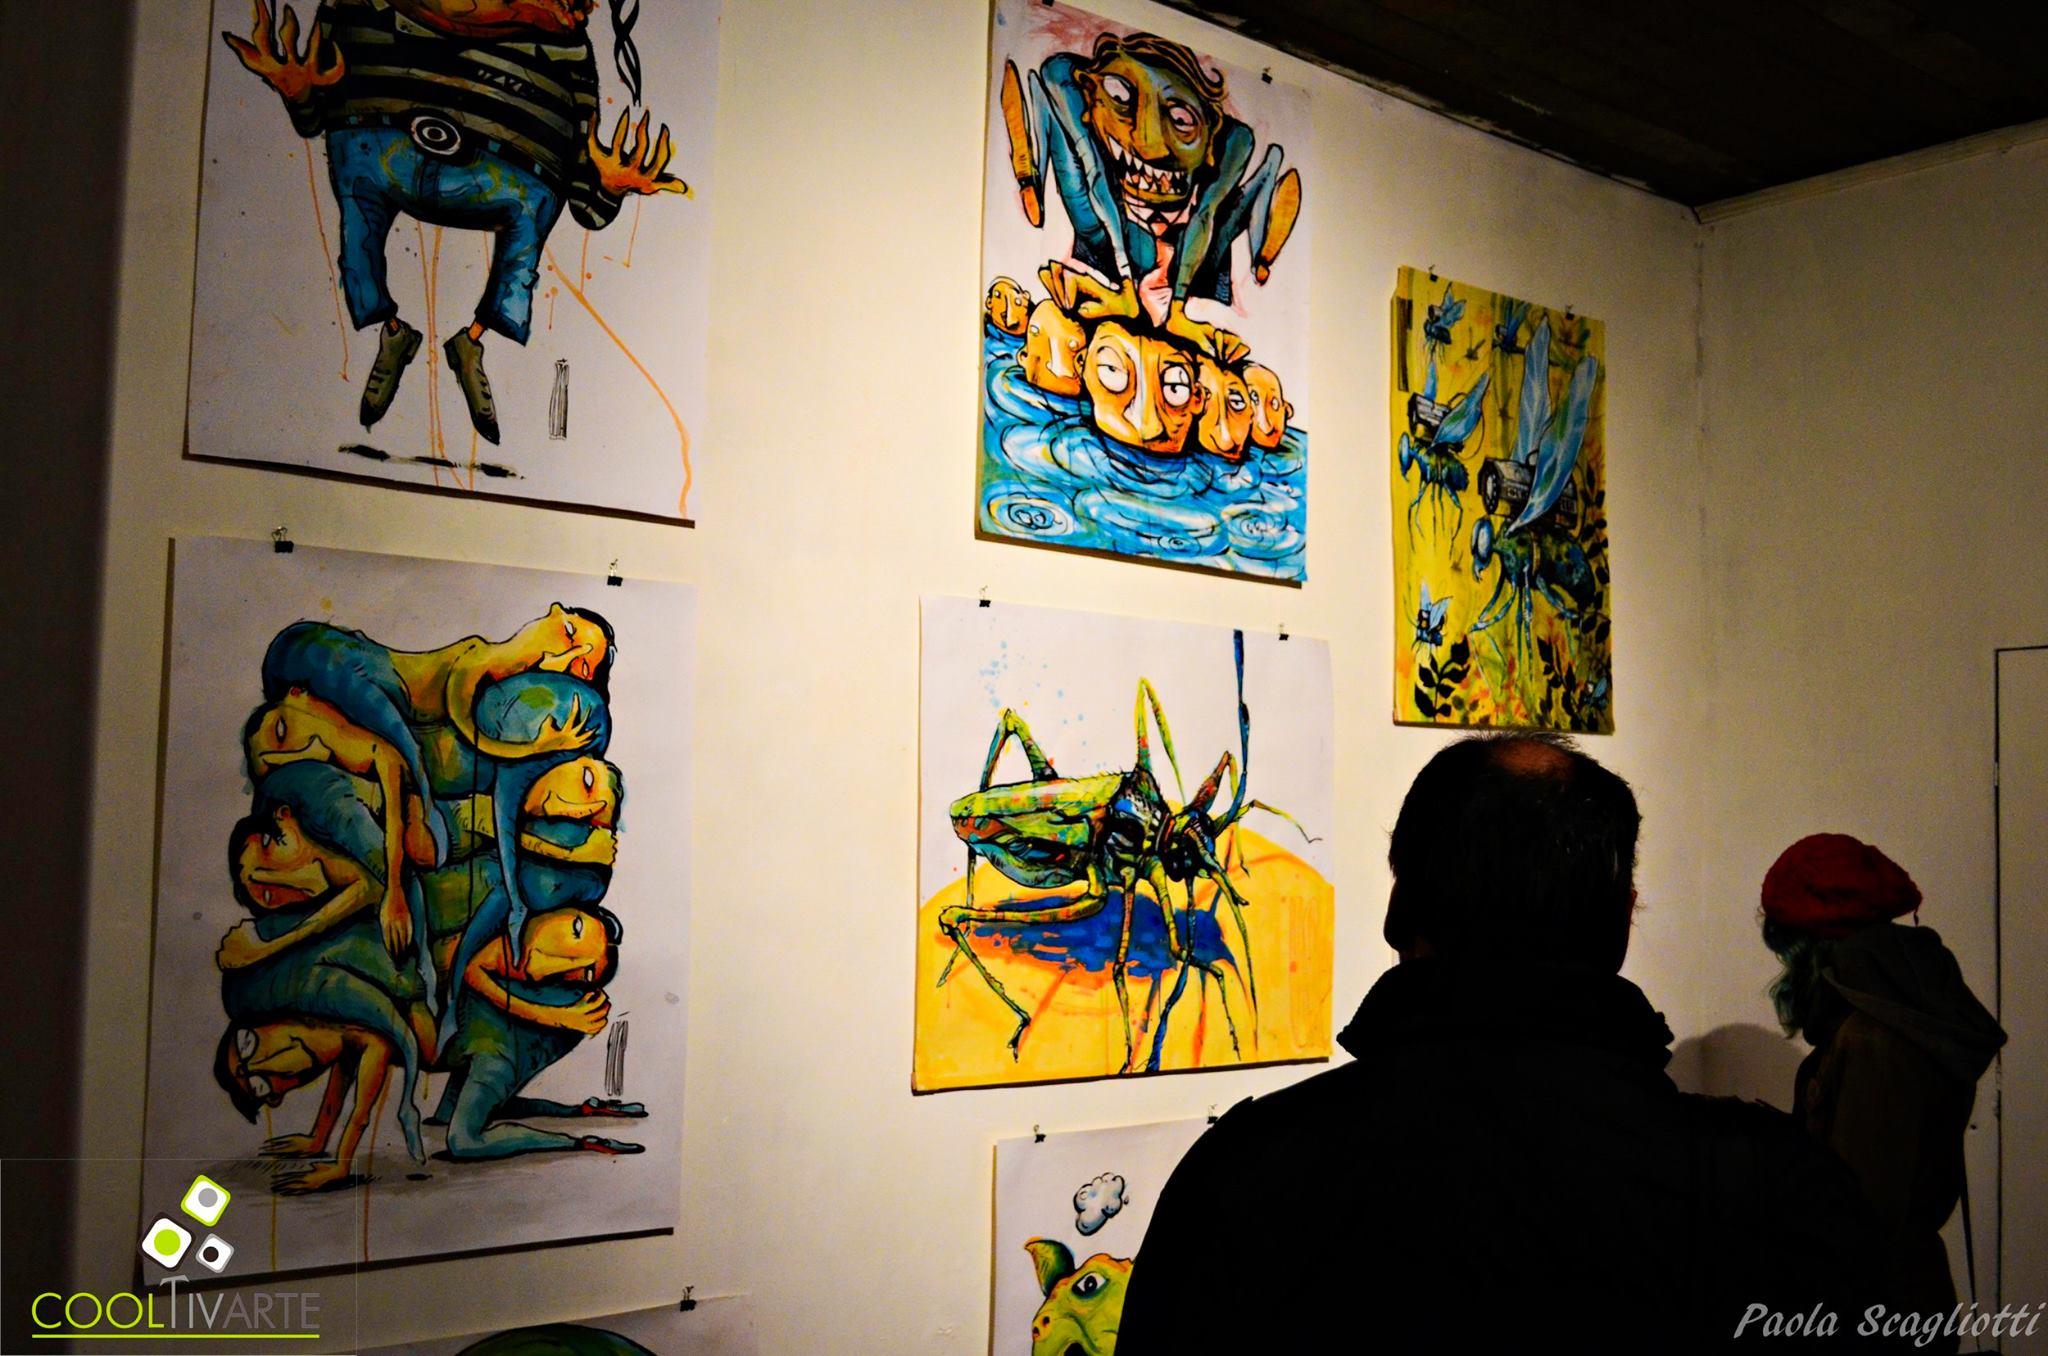 imagen - Un noche de música, poesía y exposiciones en Pera de Goma Foto: Paola Scagliotti